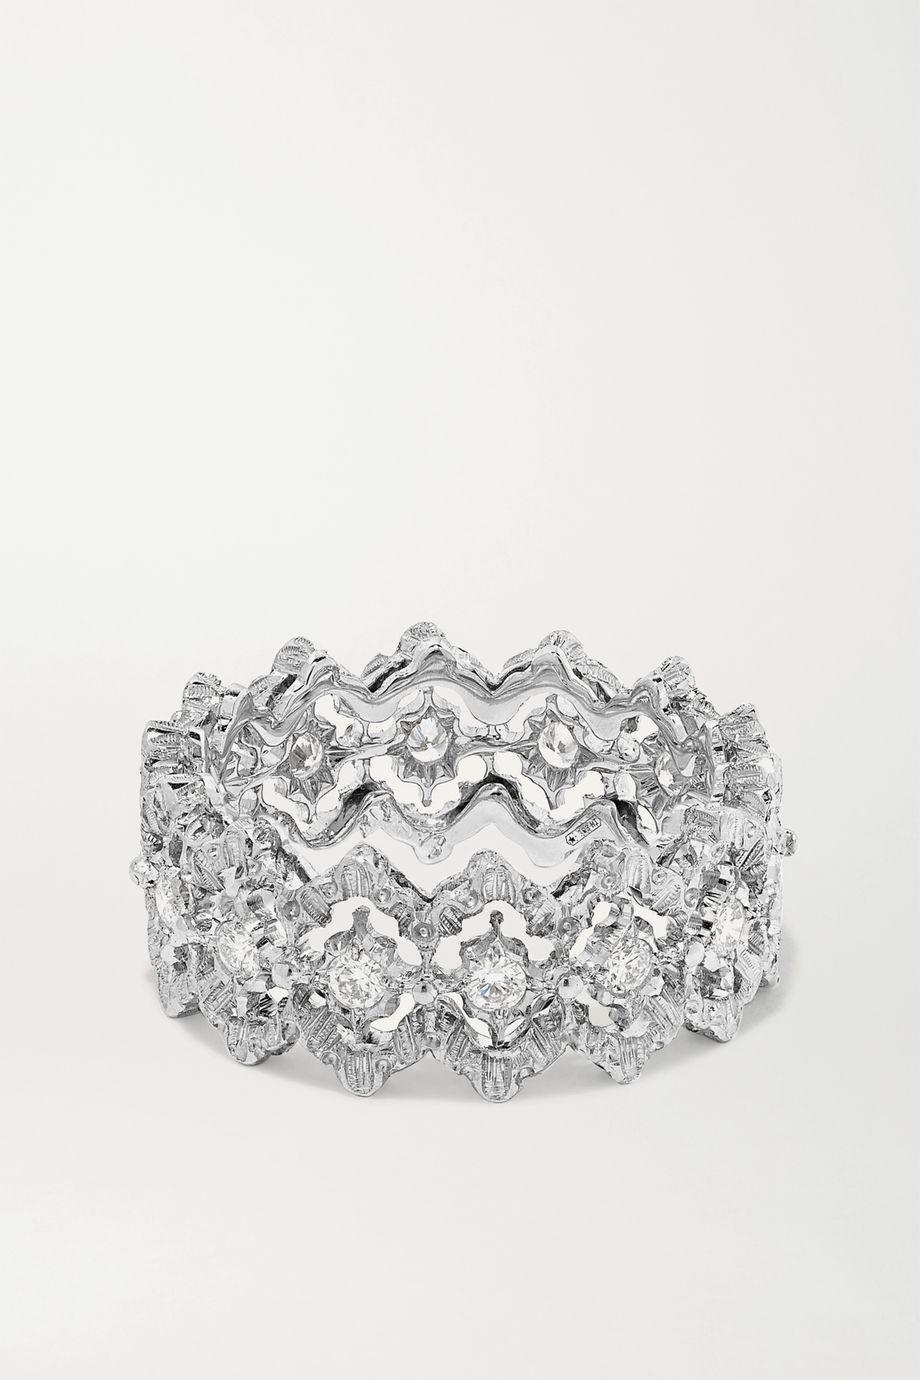 Buccellati Rombi Eternelle Ring aus 18 Karat Weißgold mit Diamanten